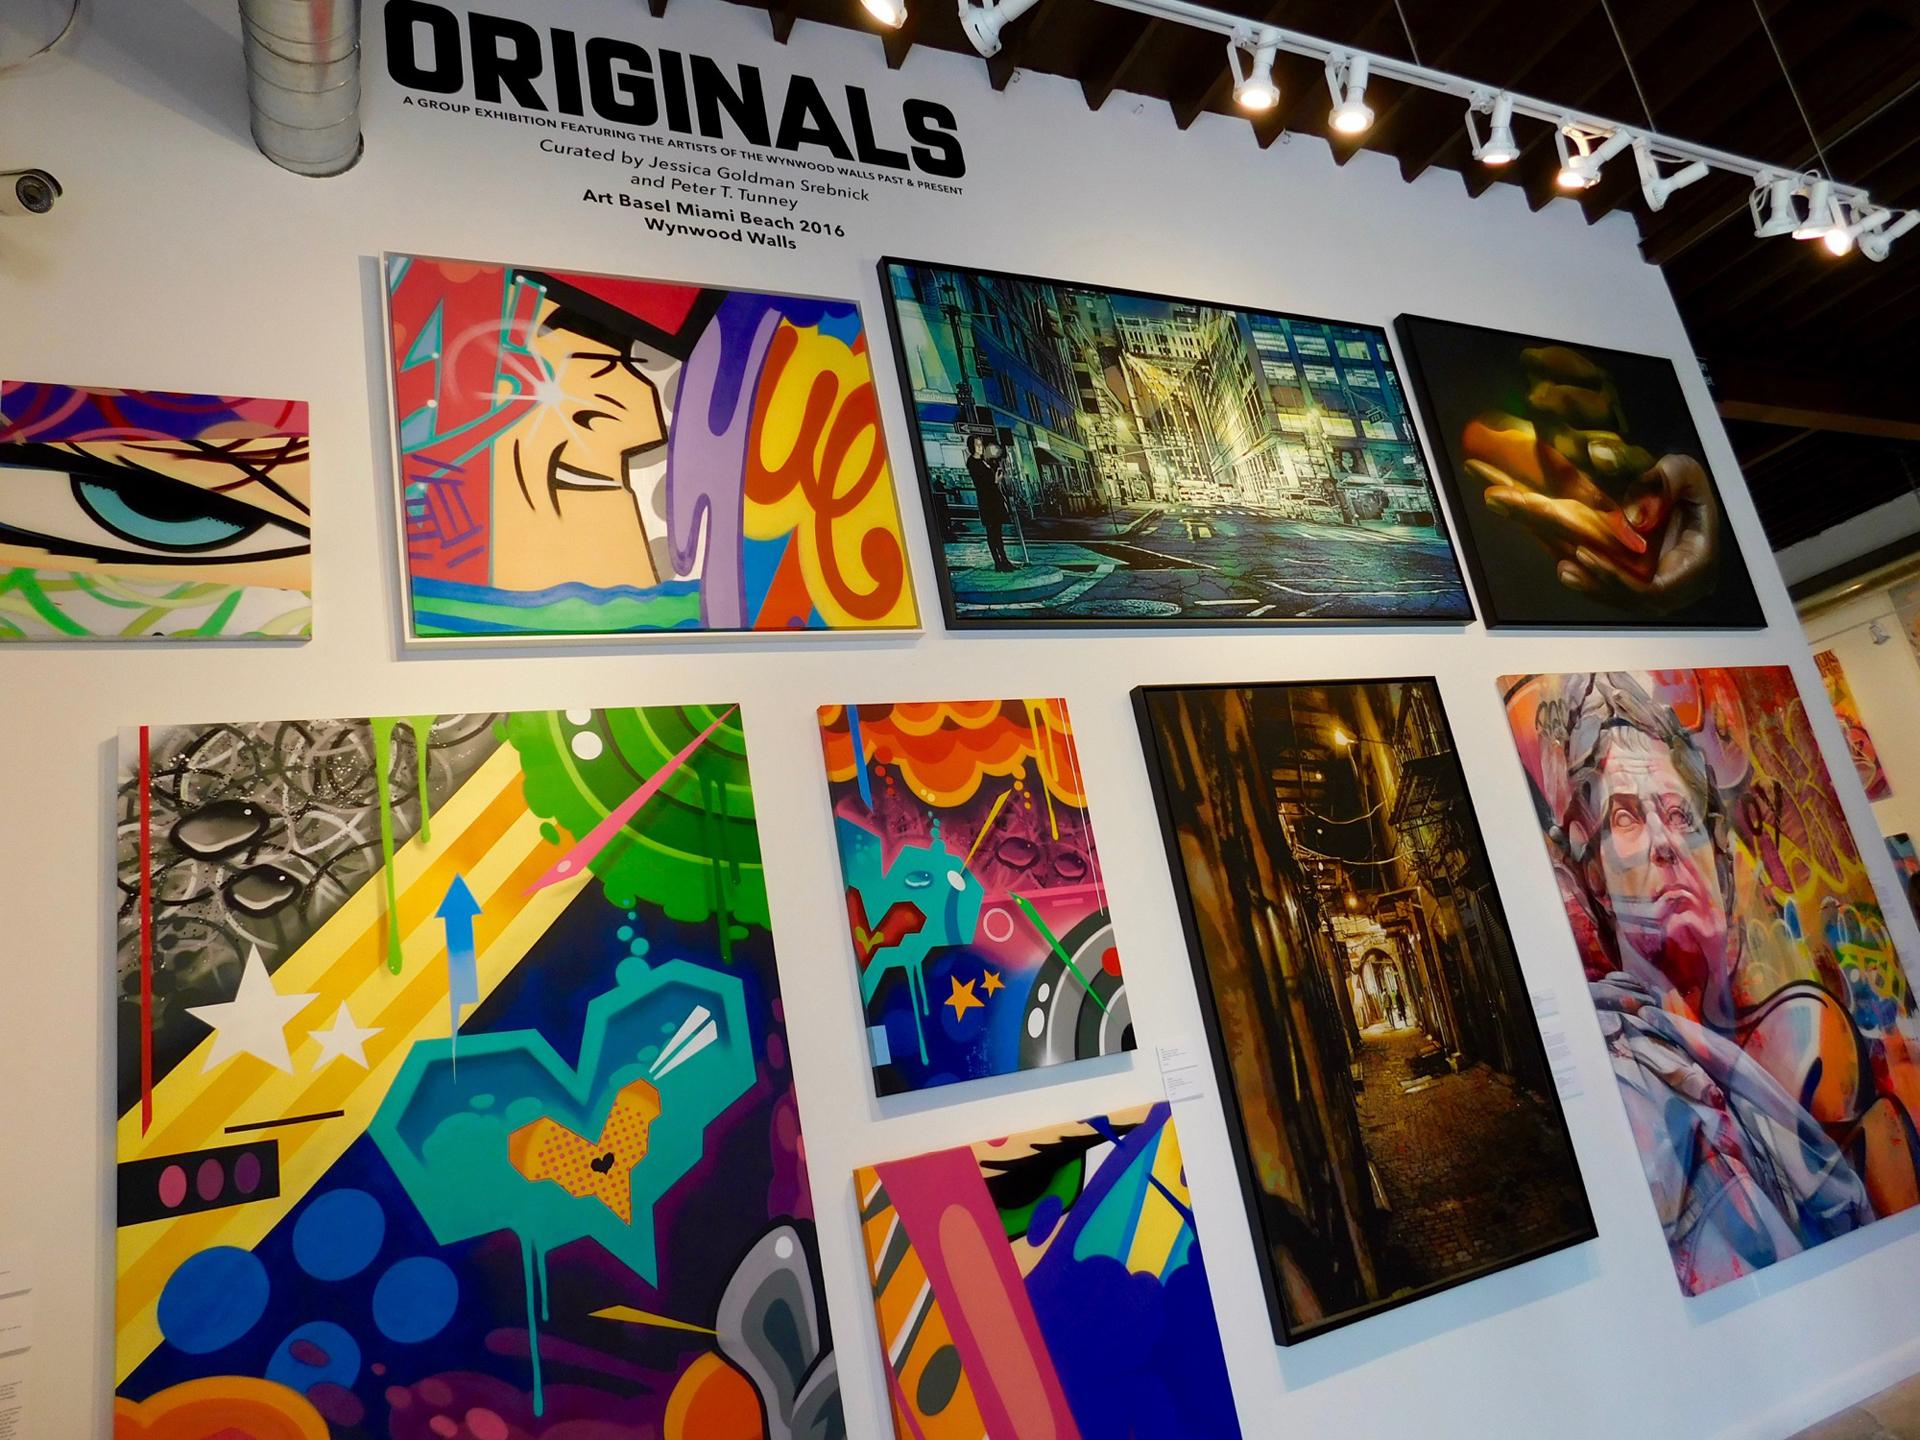 Las obras se destacan por el uso infinito de colores y retratar momentos.